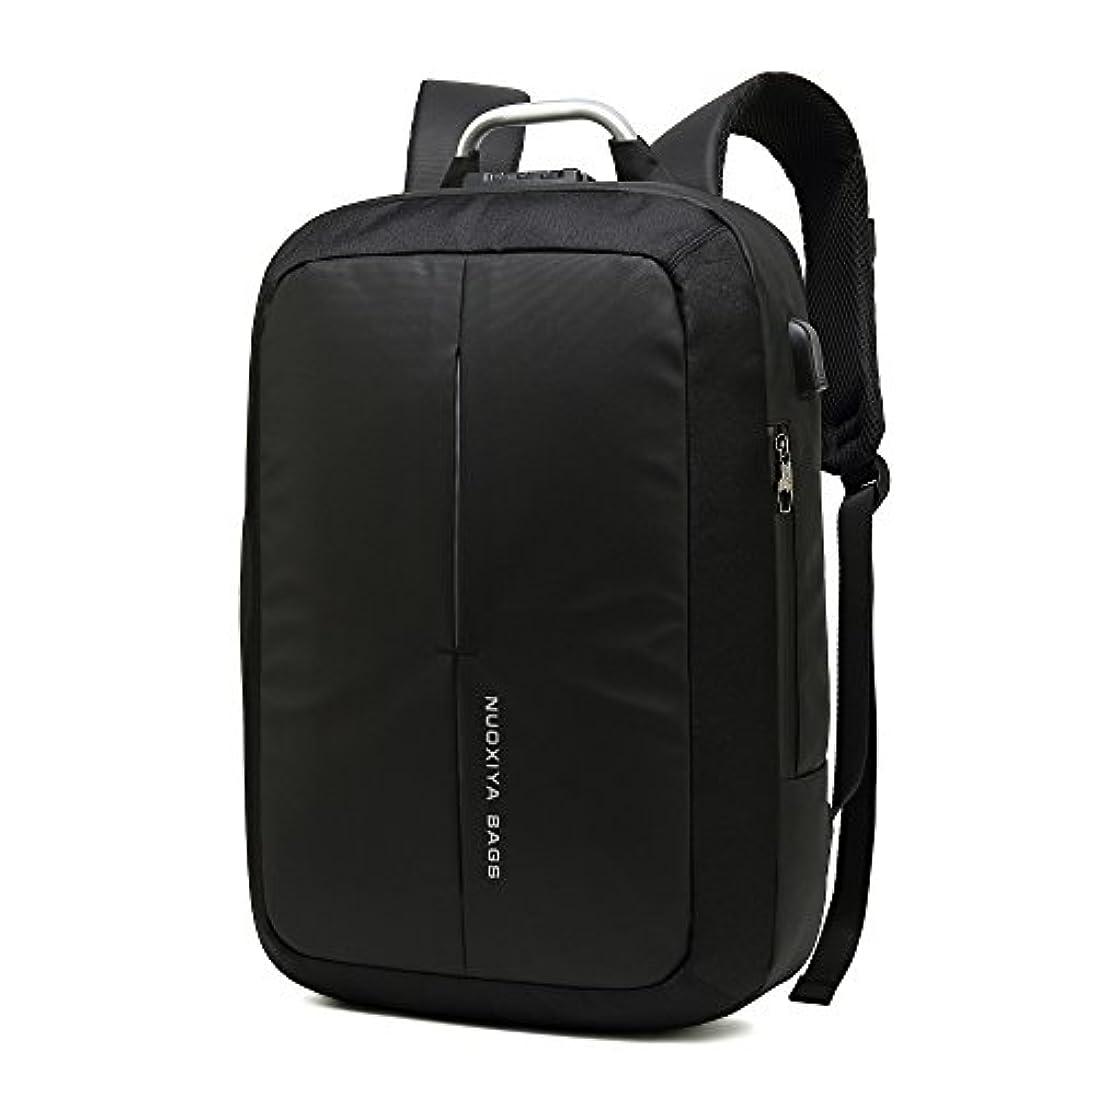 維持樹皮セッティングクロース(Kroeus)防犯バックパック ビジネスバッグ 人気 2way メンズ 大容量 通勤 出張 ブリーフケース 15.6インチPC TSAロック USBポート リュックサック 手提げ